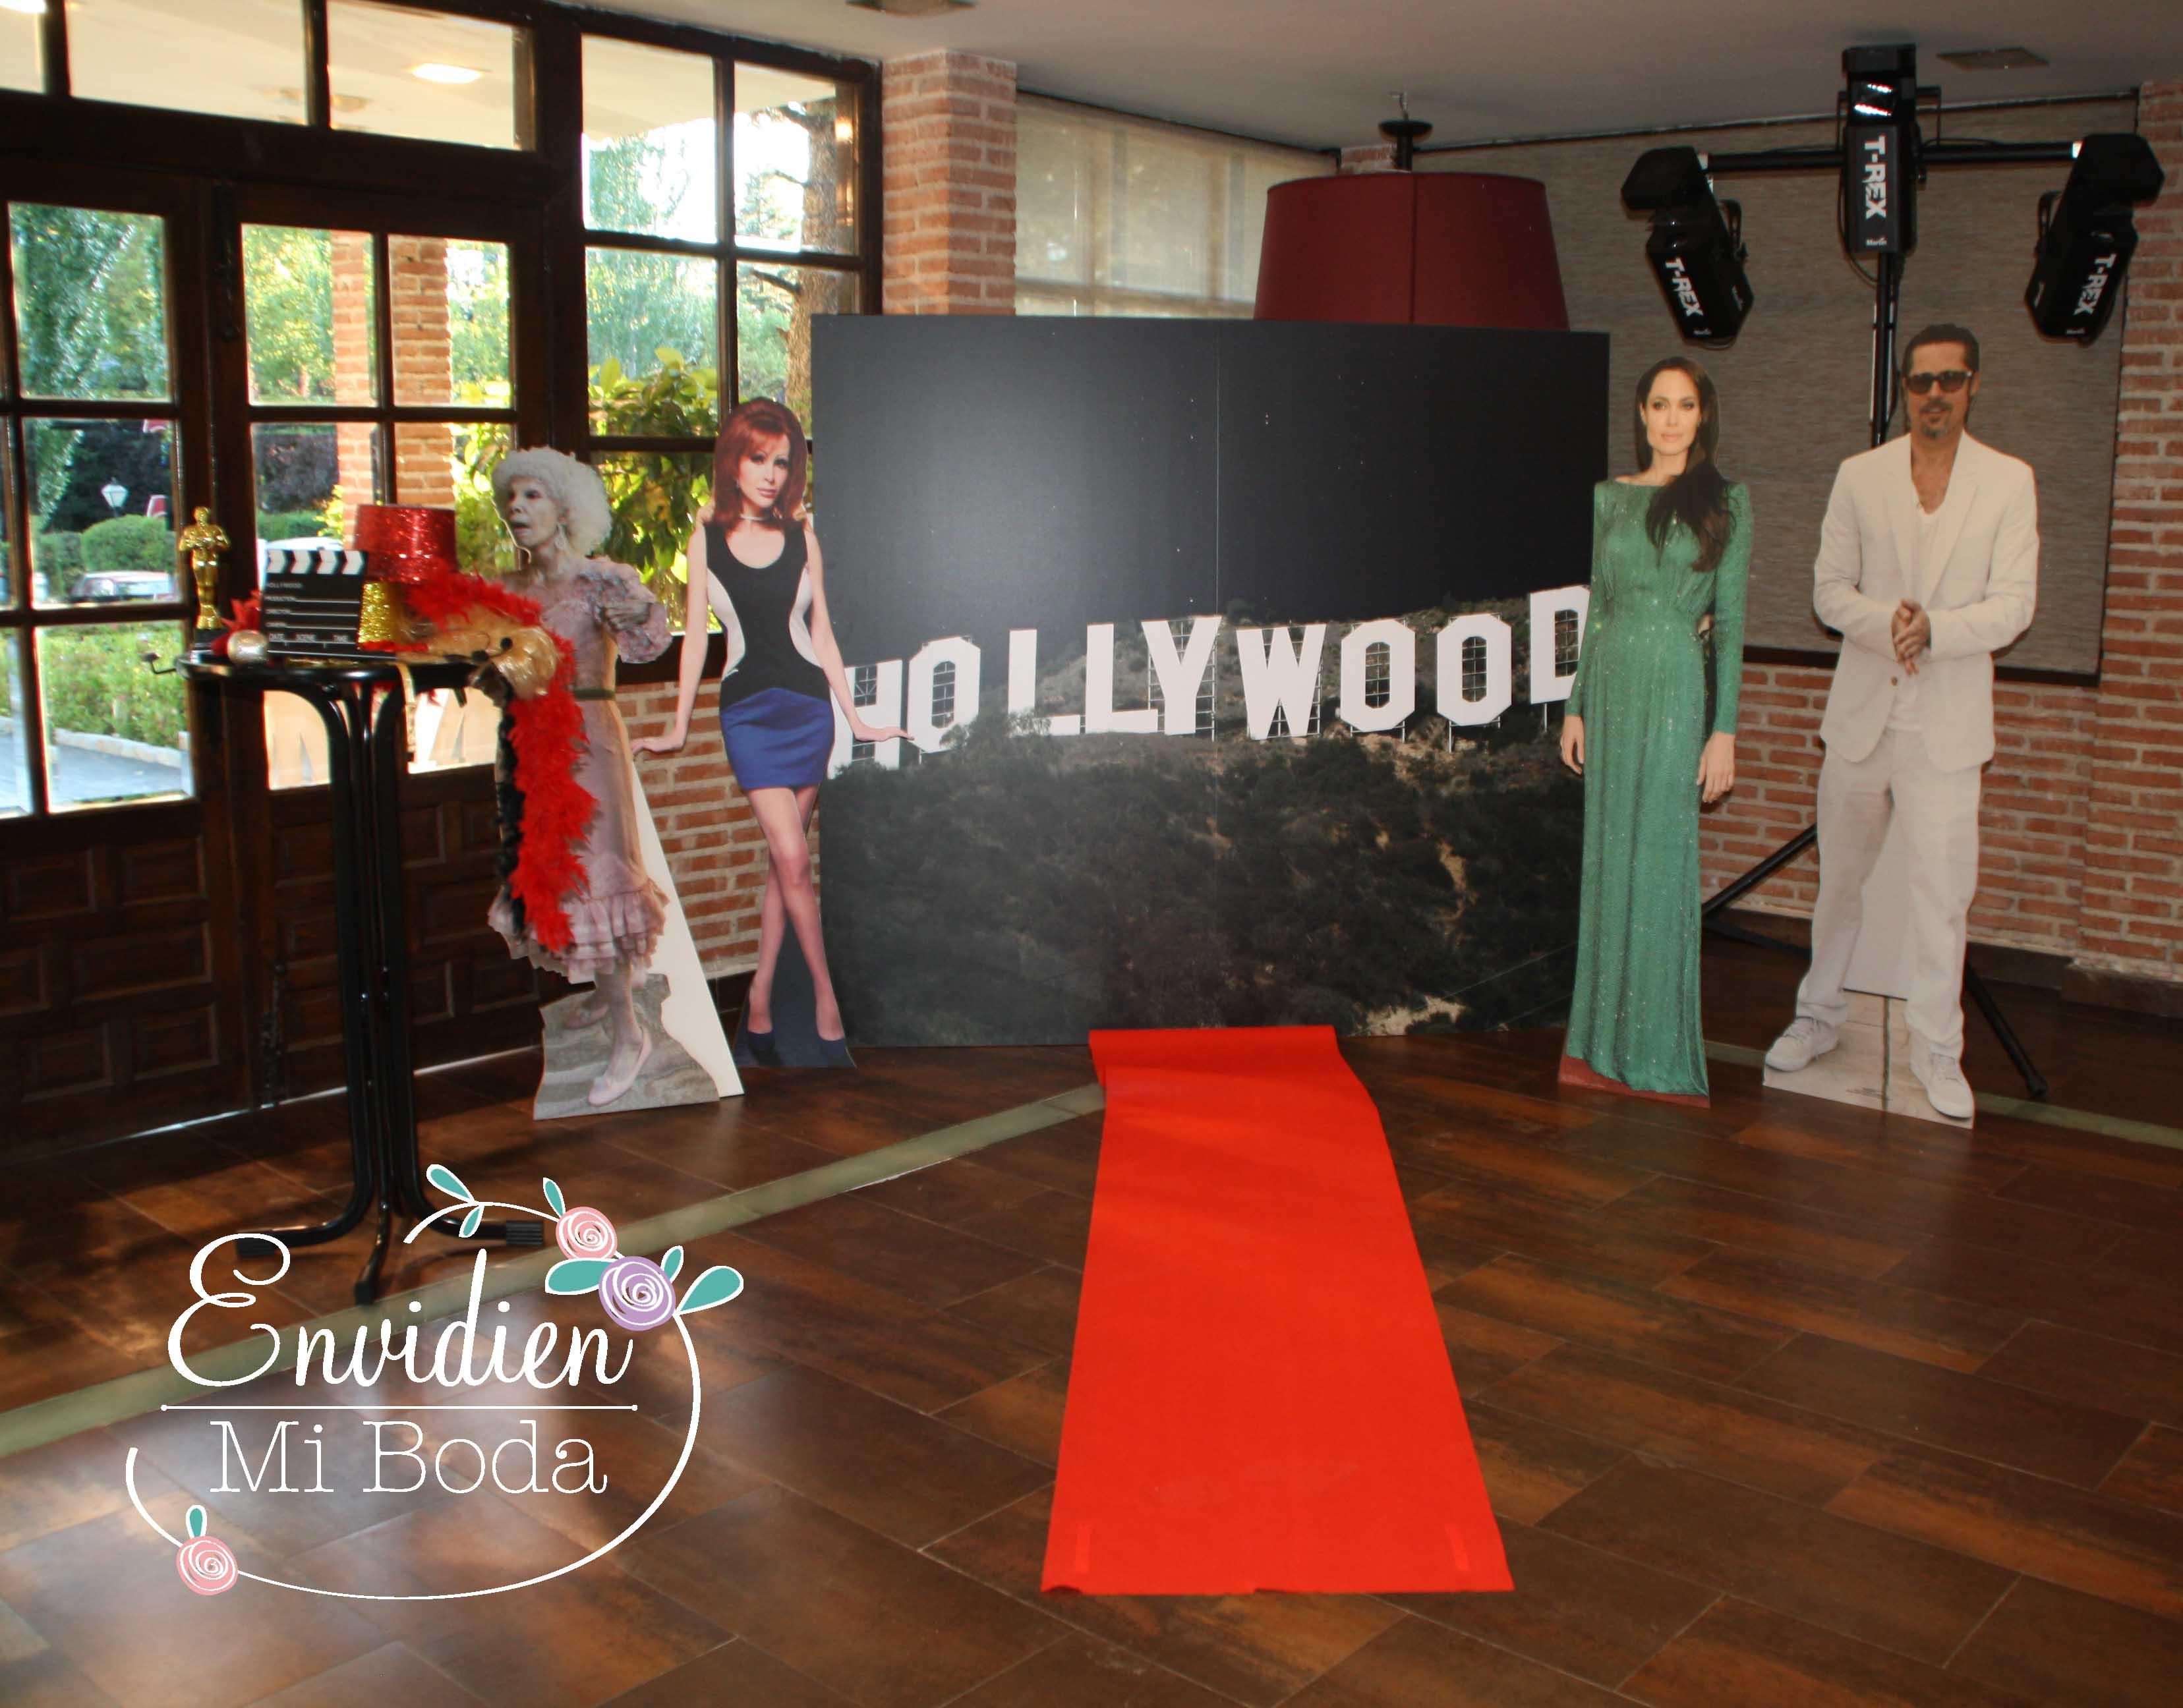 Photocall envidien mi boda for Decoracion de photocall